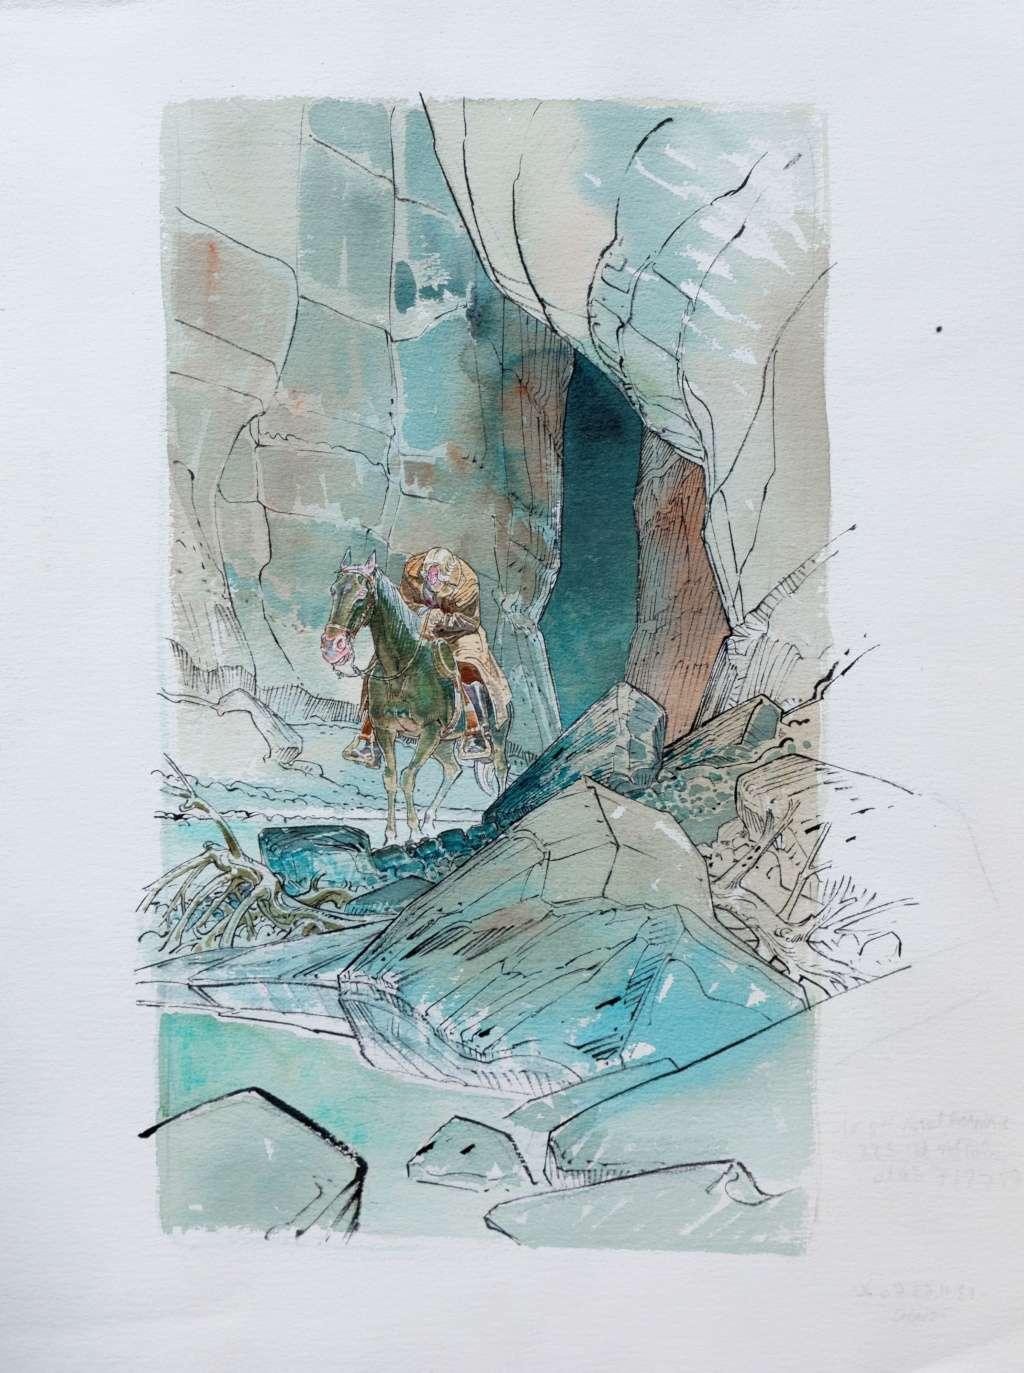 Francois Boucq, un style oscillant entre réalisme cru et humour absurde - Page 2 Bounce10